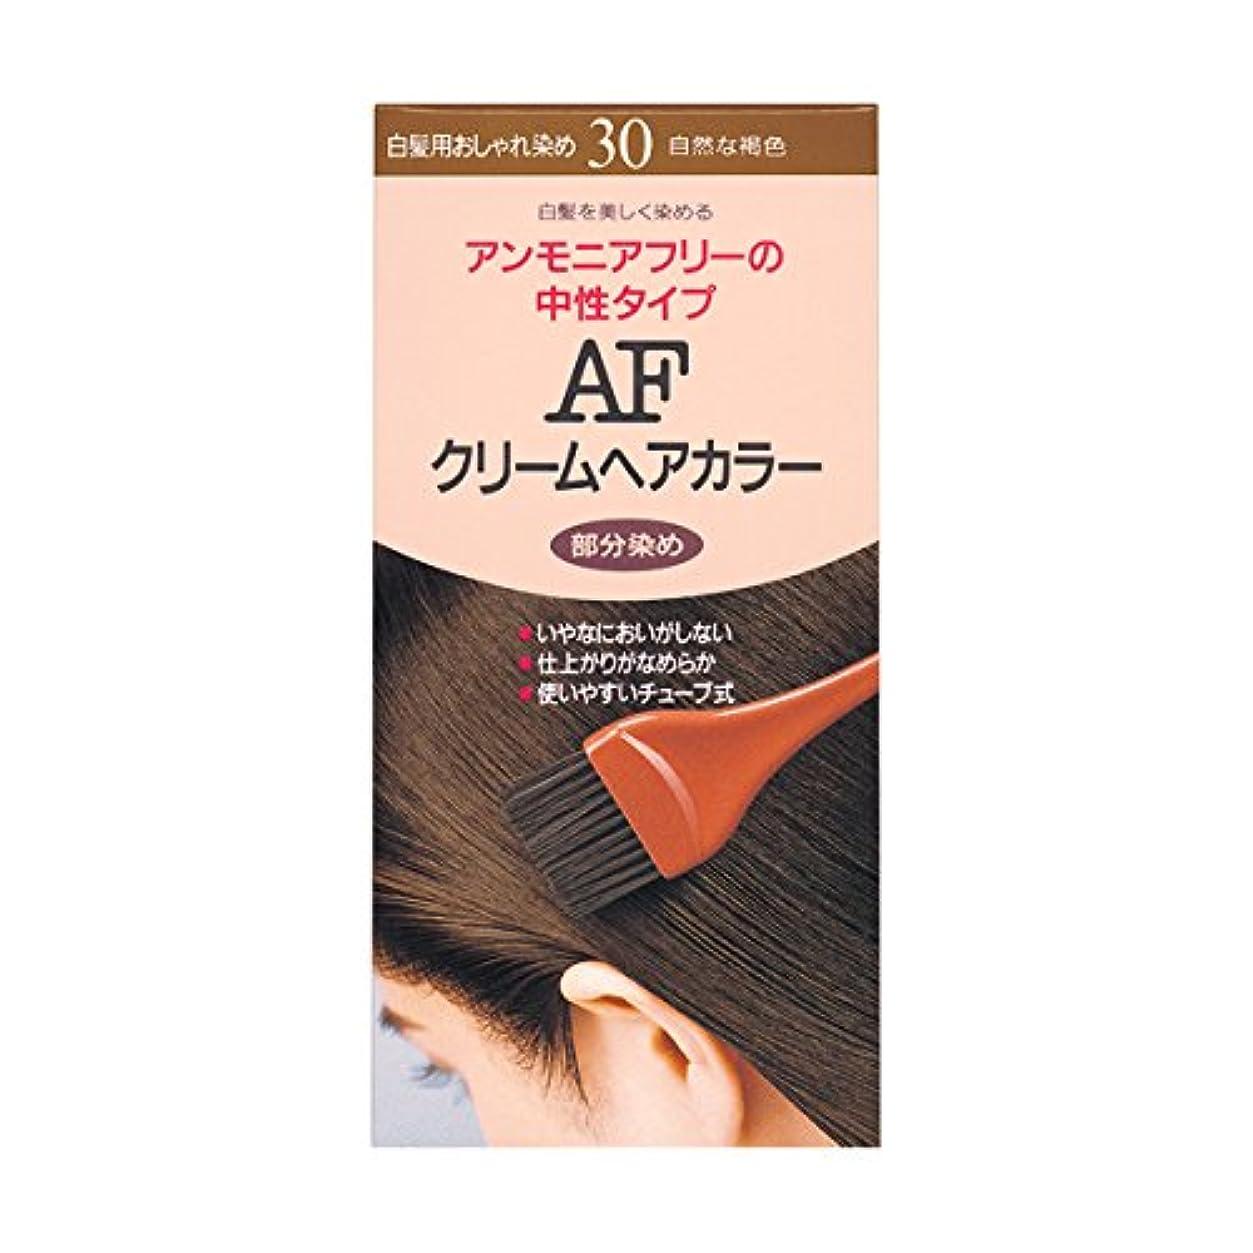 関係する信頼性のある行くヘアカラー AFクリームヘアカラー 30 【医薬部外品】